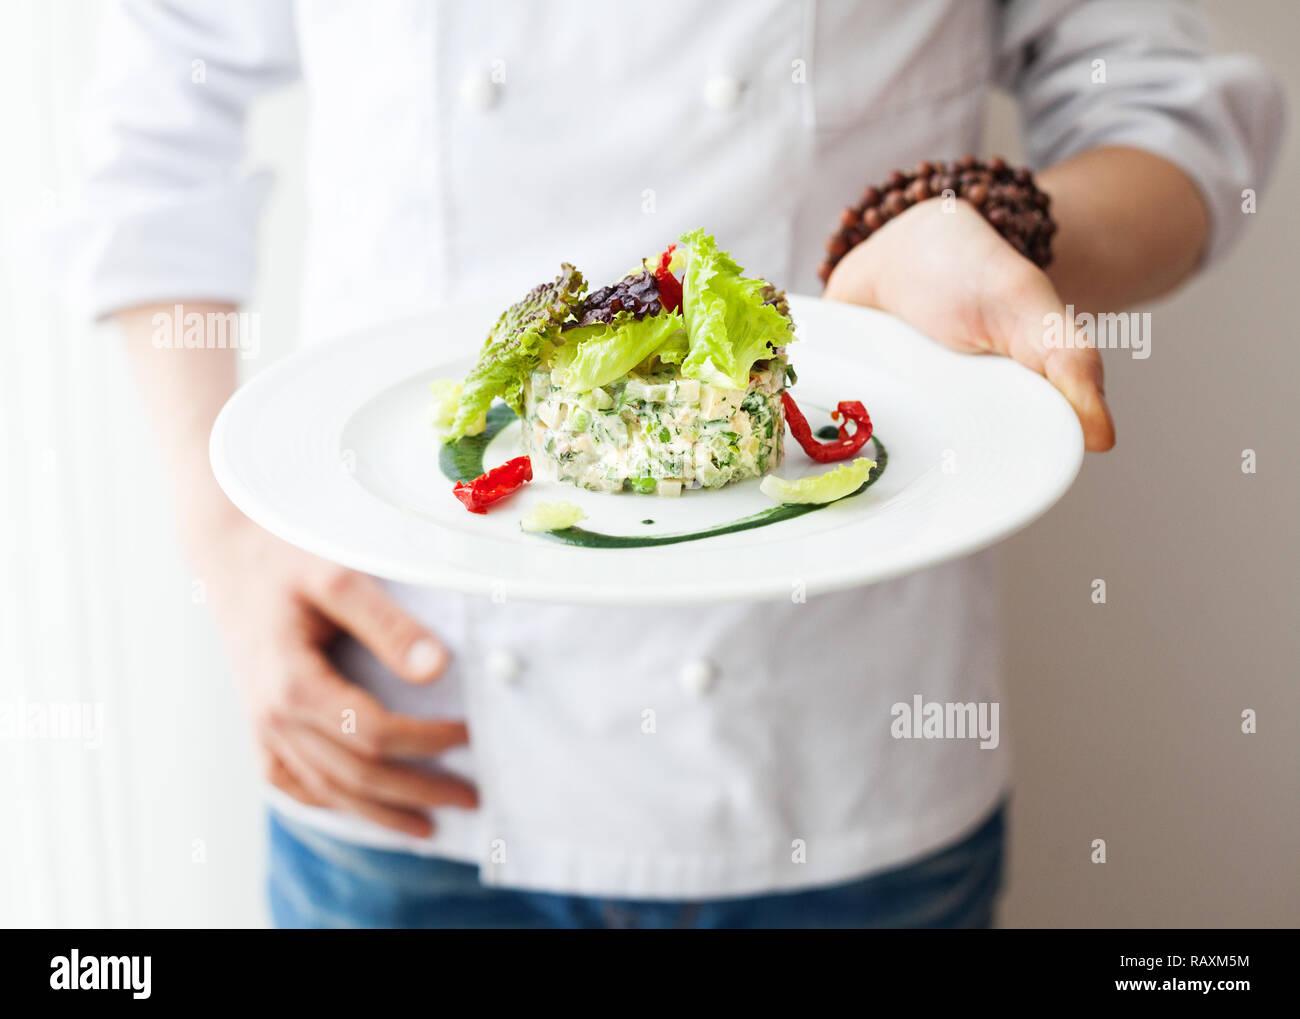 Koch hält gesund Raw vegan Salat in die weiße Platte im Restaurant Stockbild